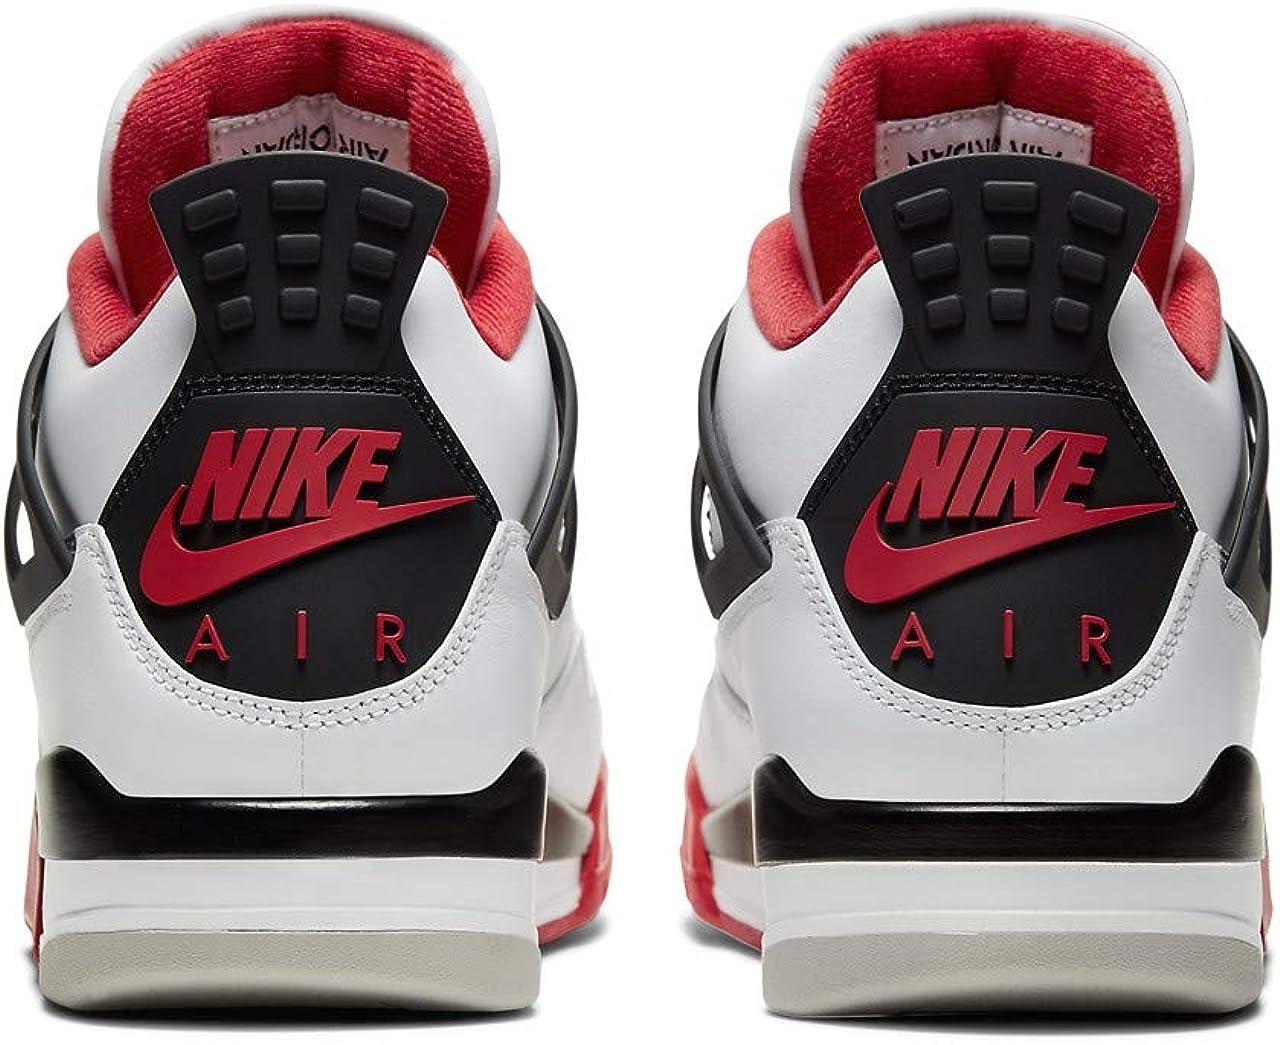 Air Jordan 4 Retro OG PS 'Fire Red' 2020